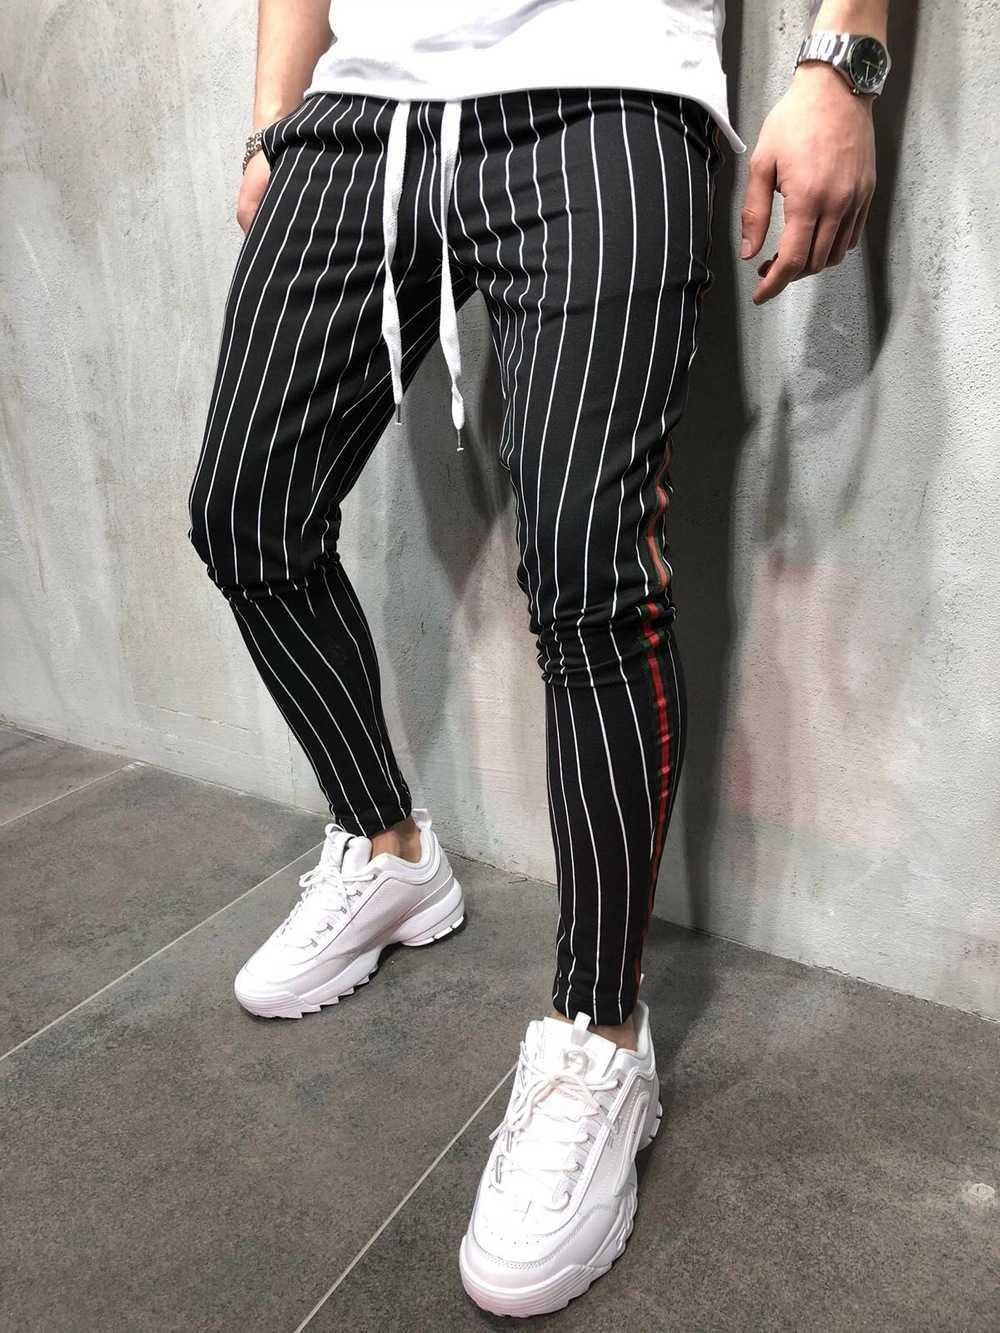 2020 hommes Nouveau pantalon décontracté personnalité personnalité sport sport slim attache tether jogging pantalon homme de la cheville